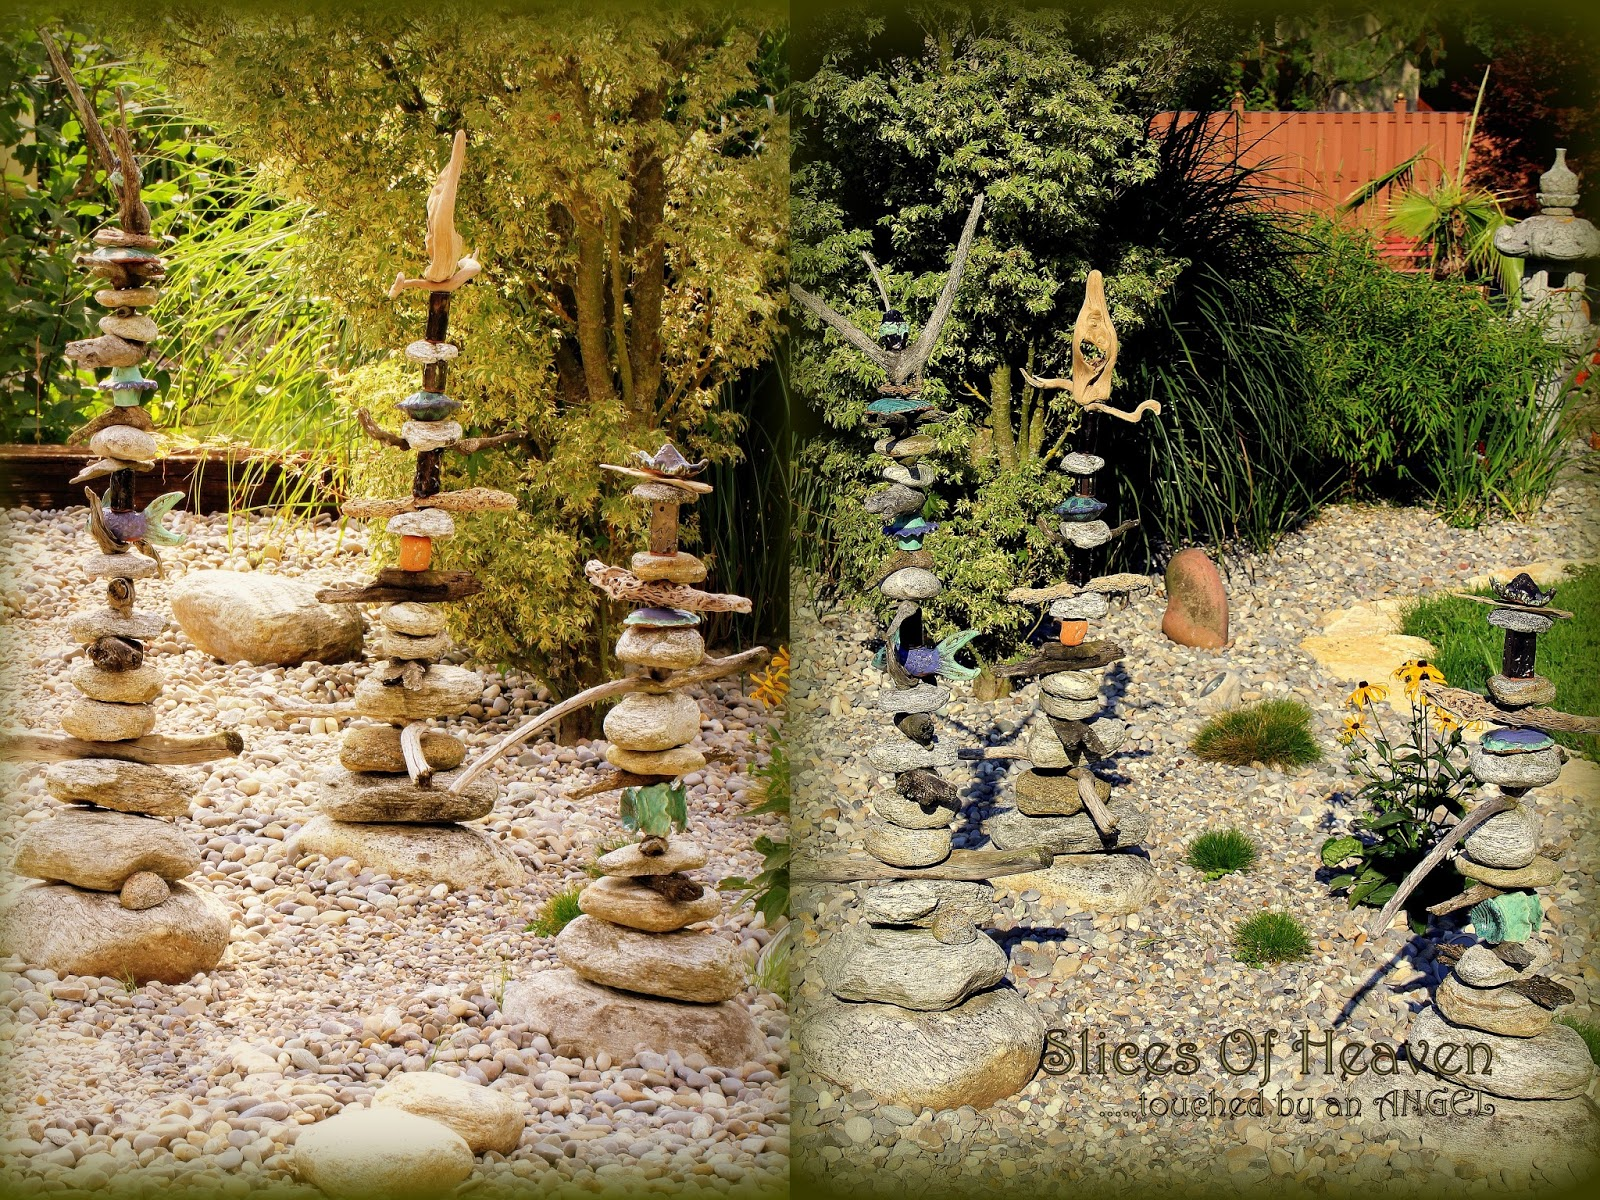 slices of heaven steinskulpturen wurzelskulpturen. Black Bedroom Furniture Sets. Home Design Ideas